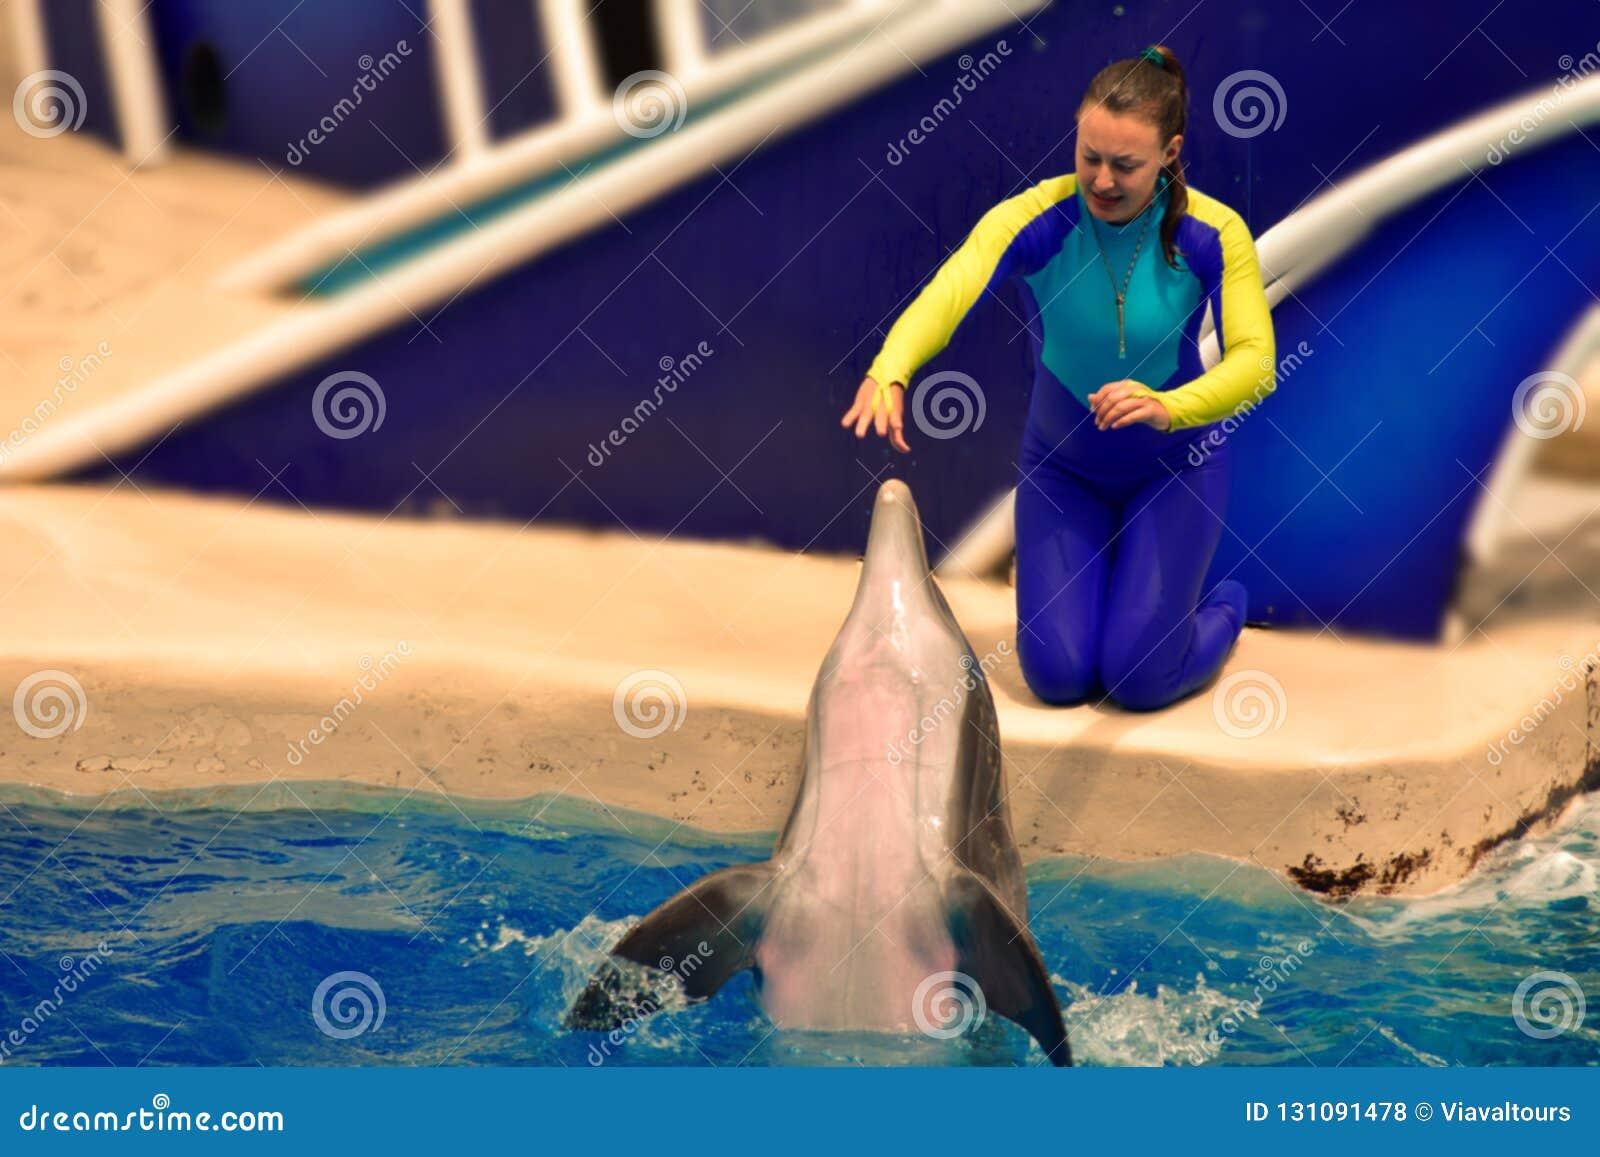 Инструктор девушки взаимодействующий со славным дельфином в мире моря